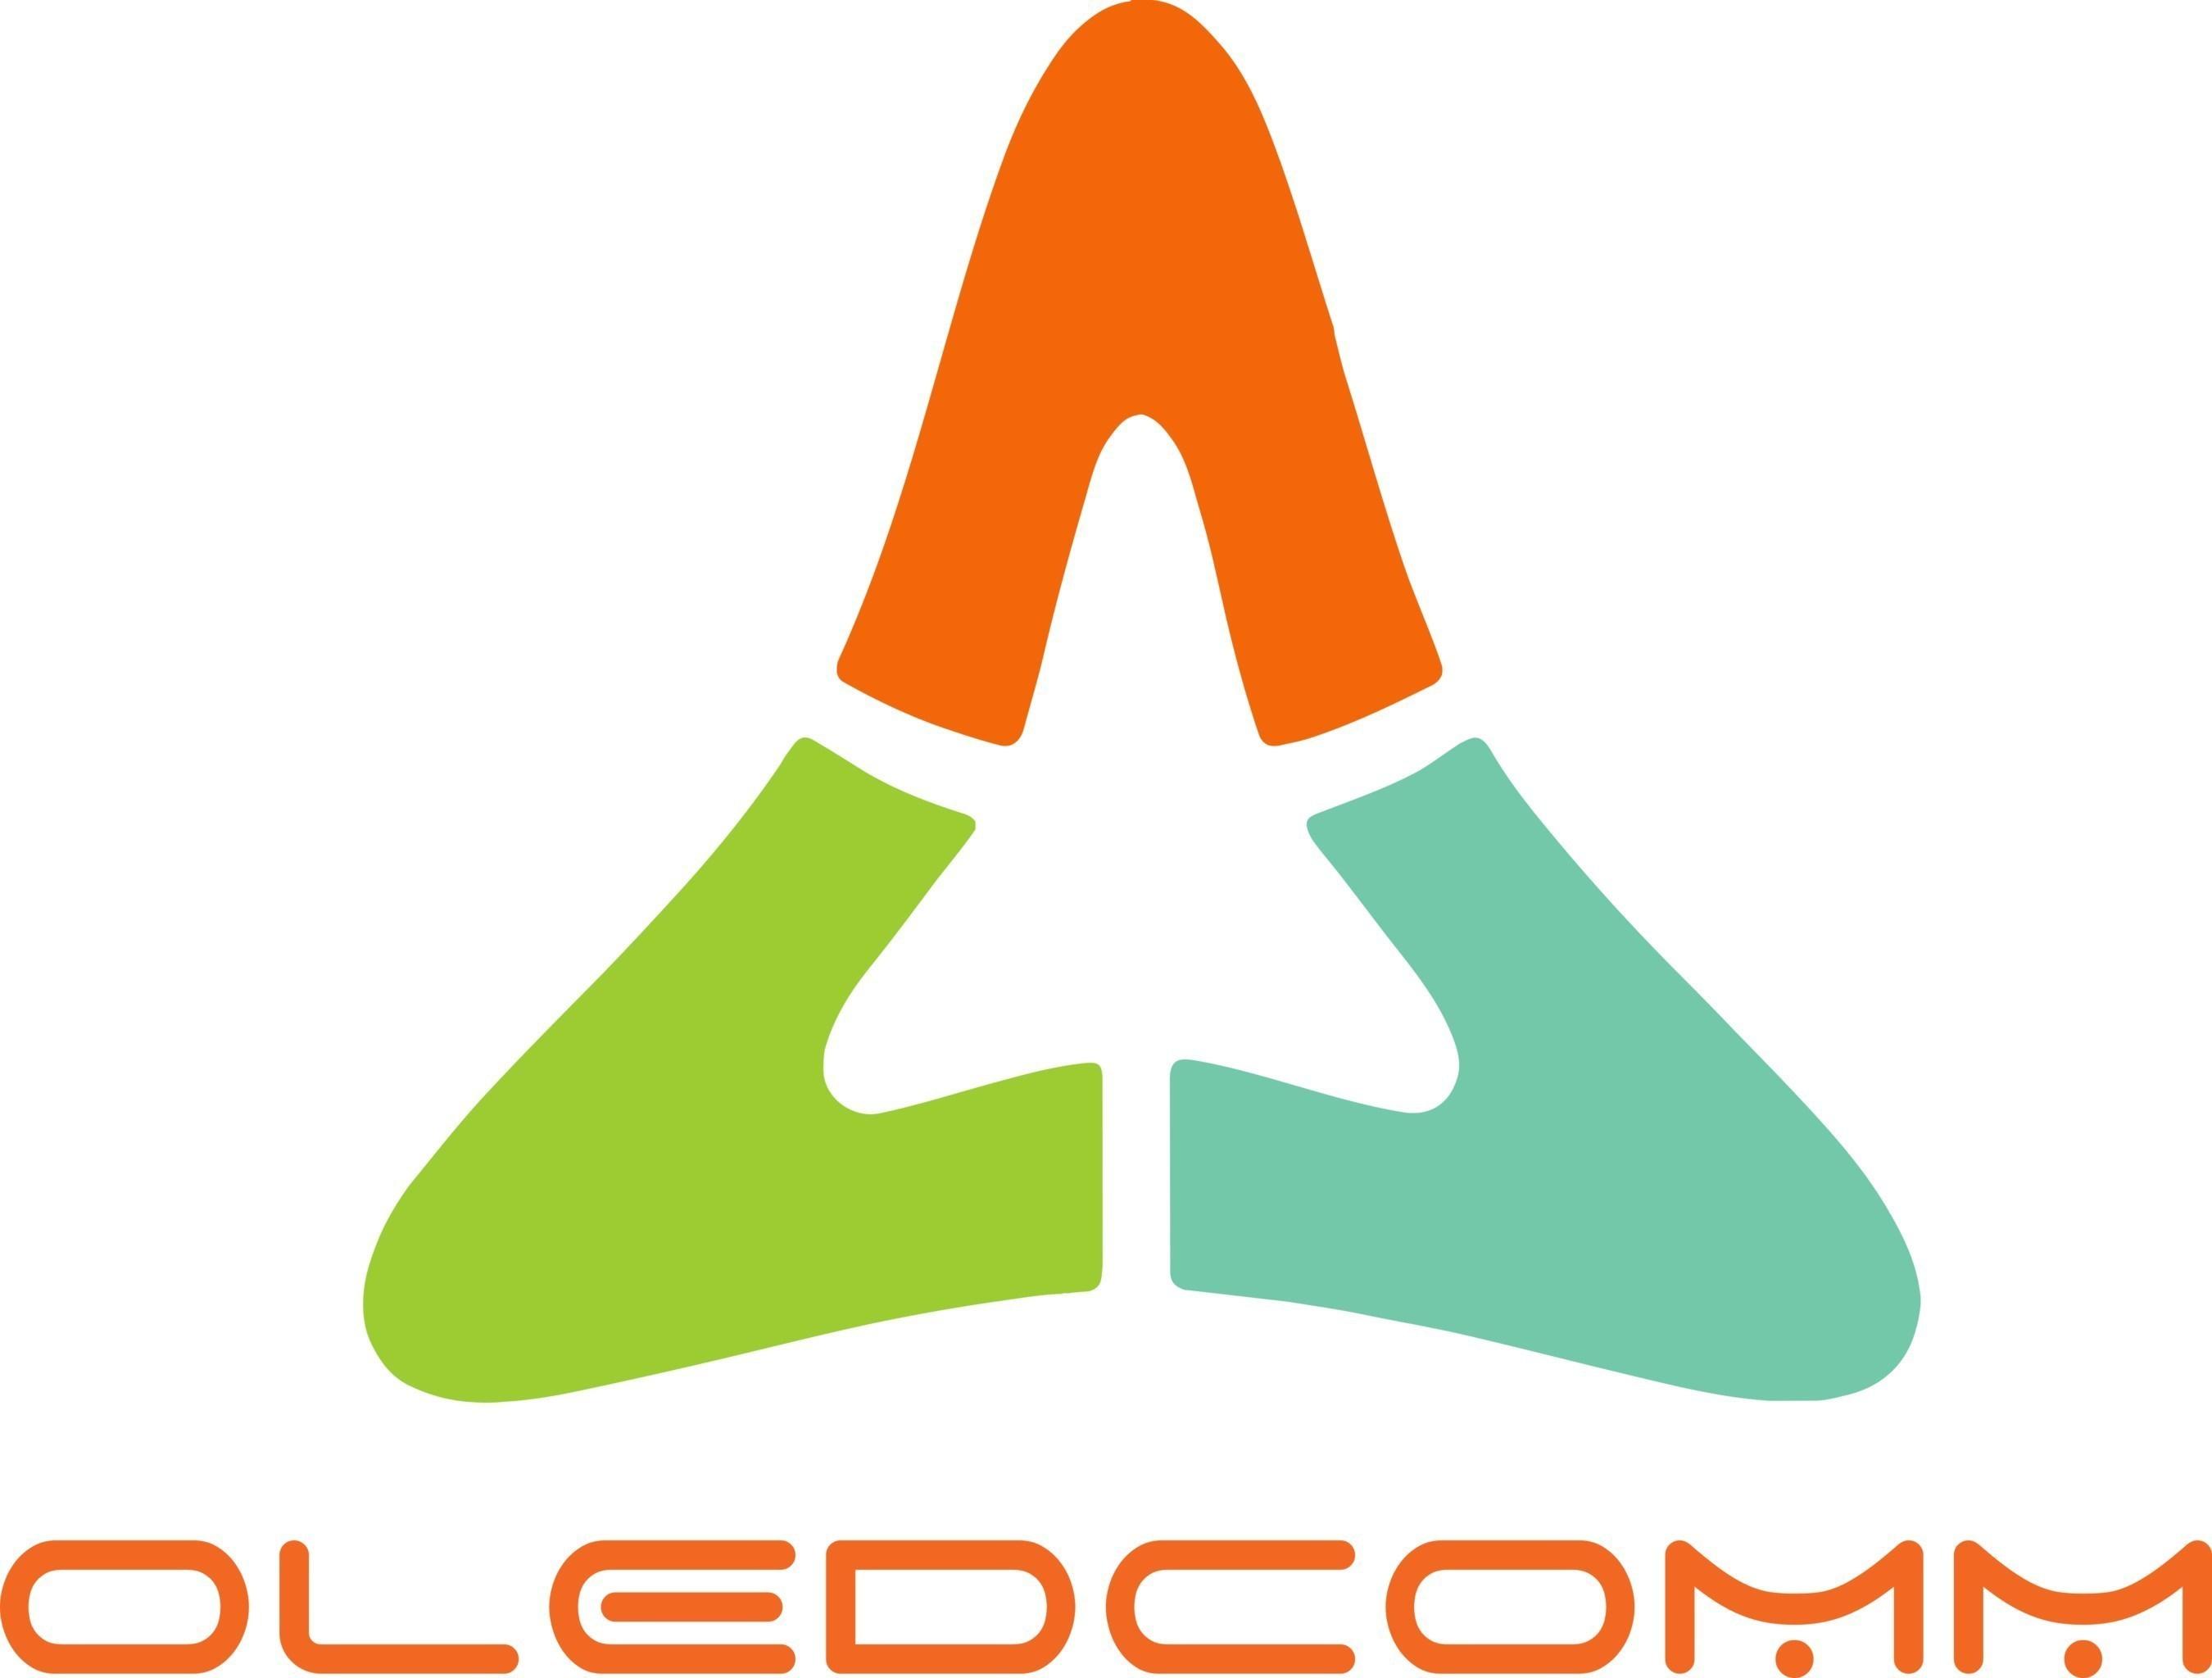 Basic6 and Oledcomm to Show Cutting-Edge Proximity Marketing And Data Analytics Through LED